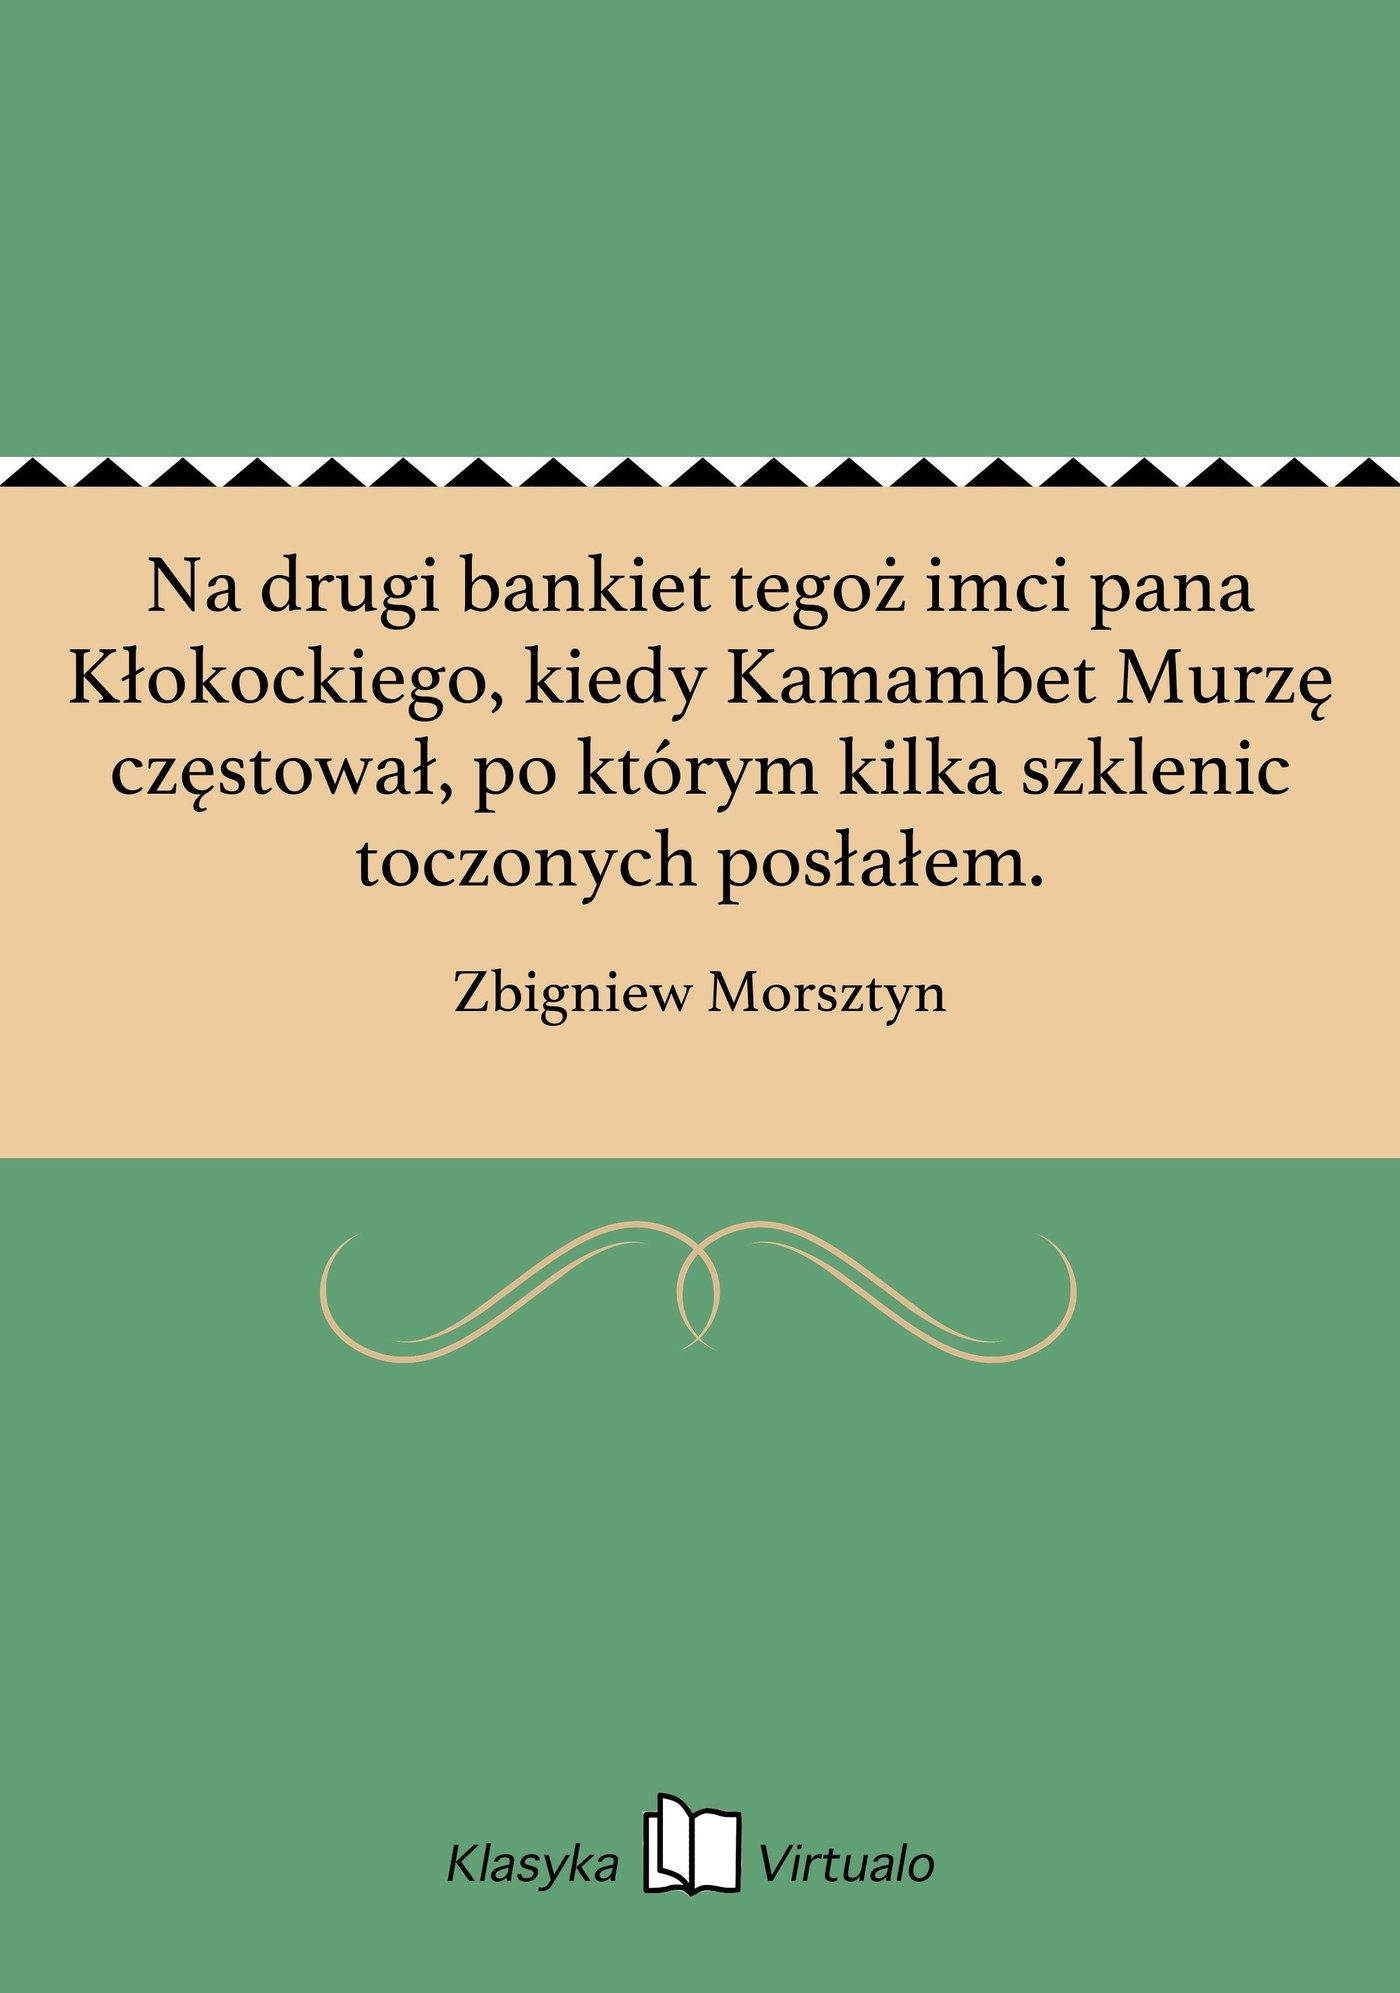 Na drugi bankiet tegoż imci pana Kłokockiego, kiedy Kamambet Murzę częstował, po którym kilka szklenic toczonych posłałem. - Ebook (Książka na Kindle) do pobrania w formacie MOBI